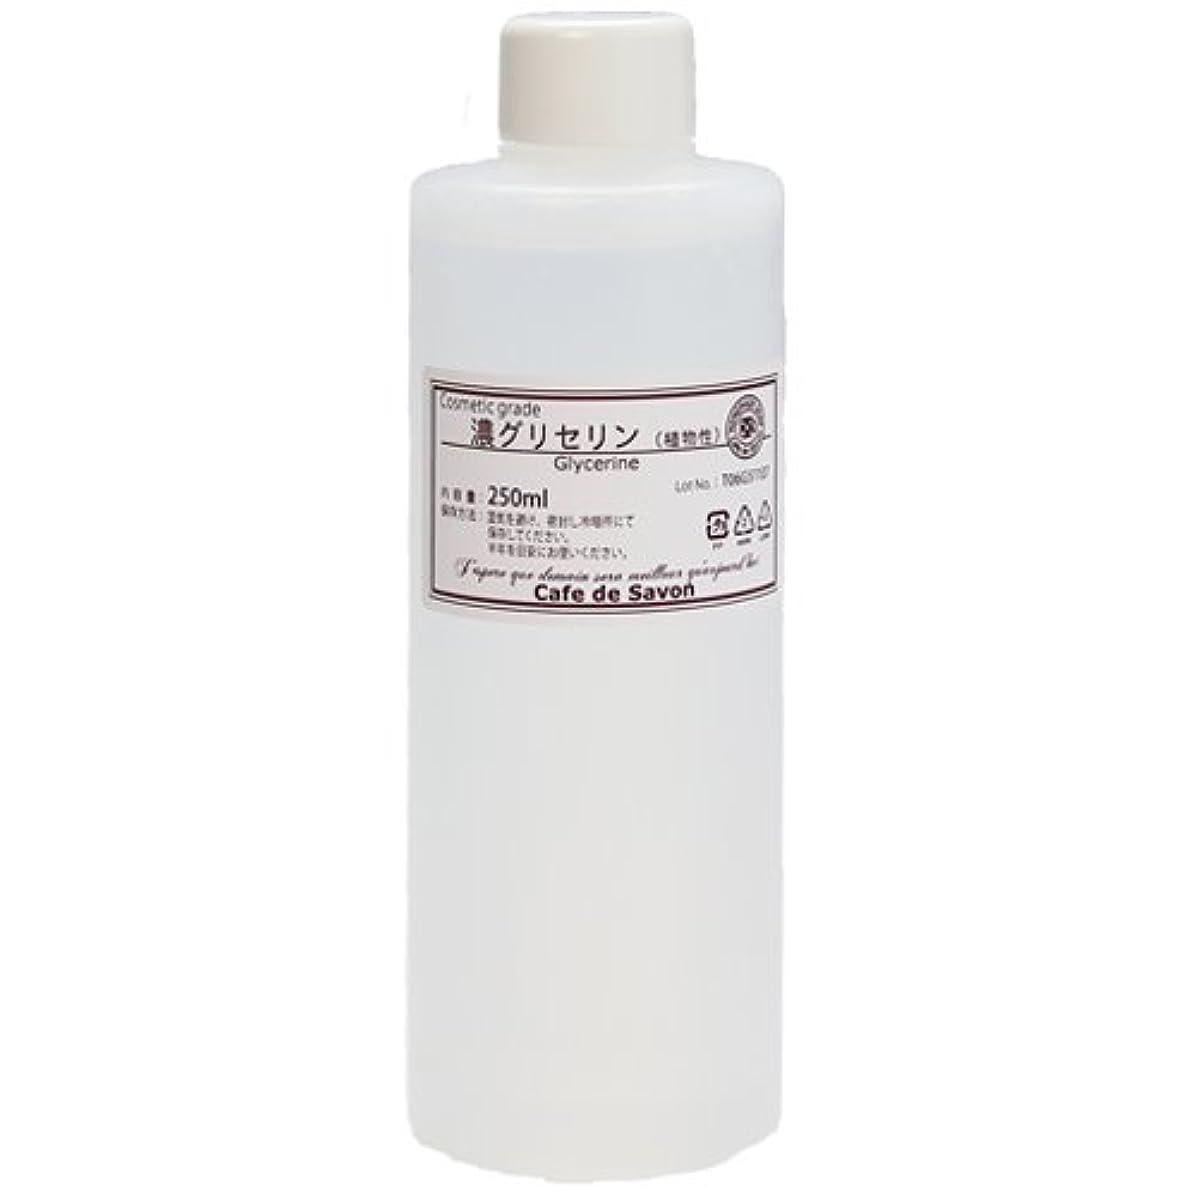 グリップムス交じる濃グリセリン[植物性] 250ml 【手作り石鹸/手作りコスメ】